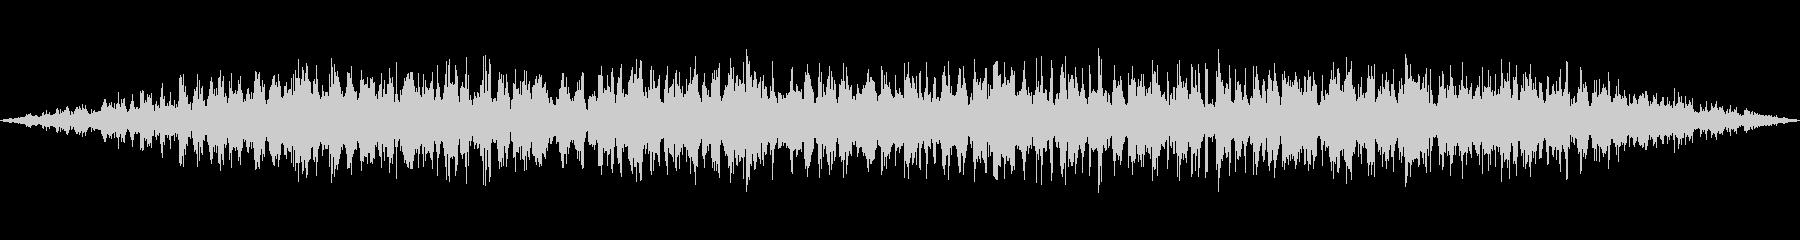 ウッドブリッジ0-25のウッドフッ...の未再生の波形